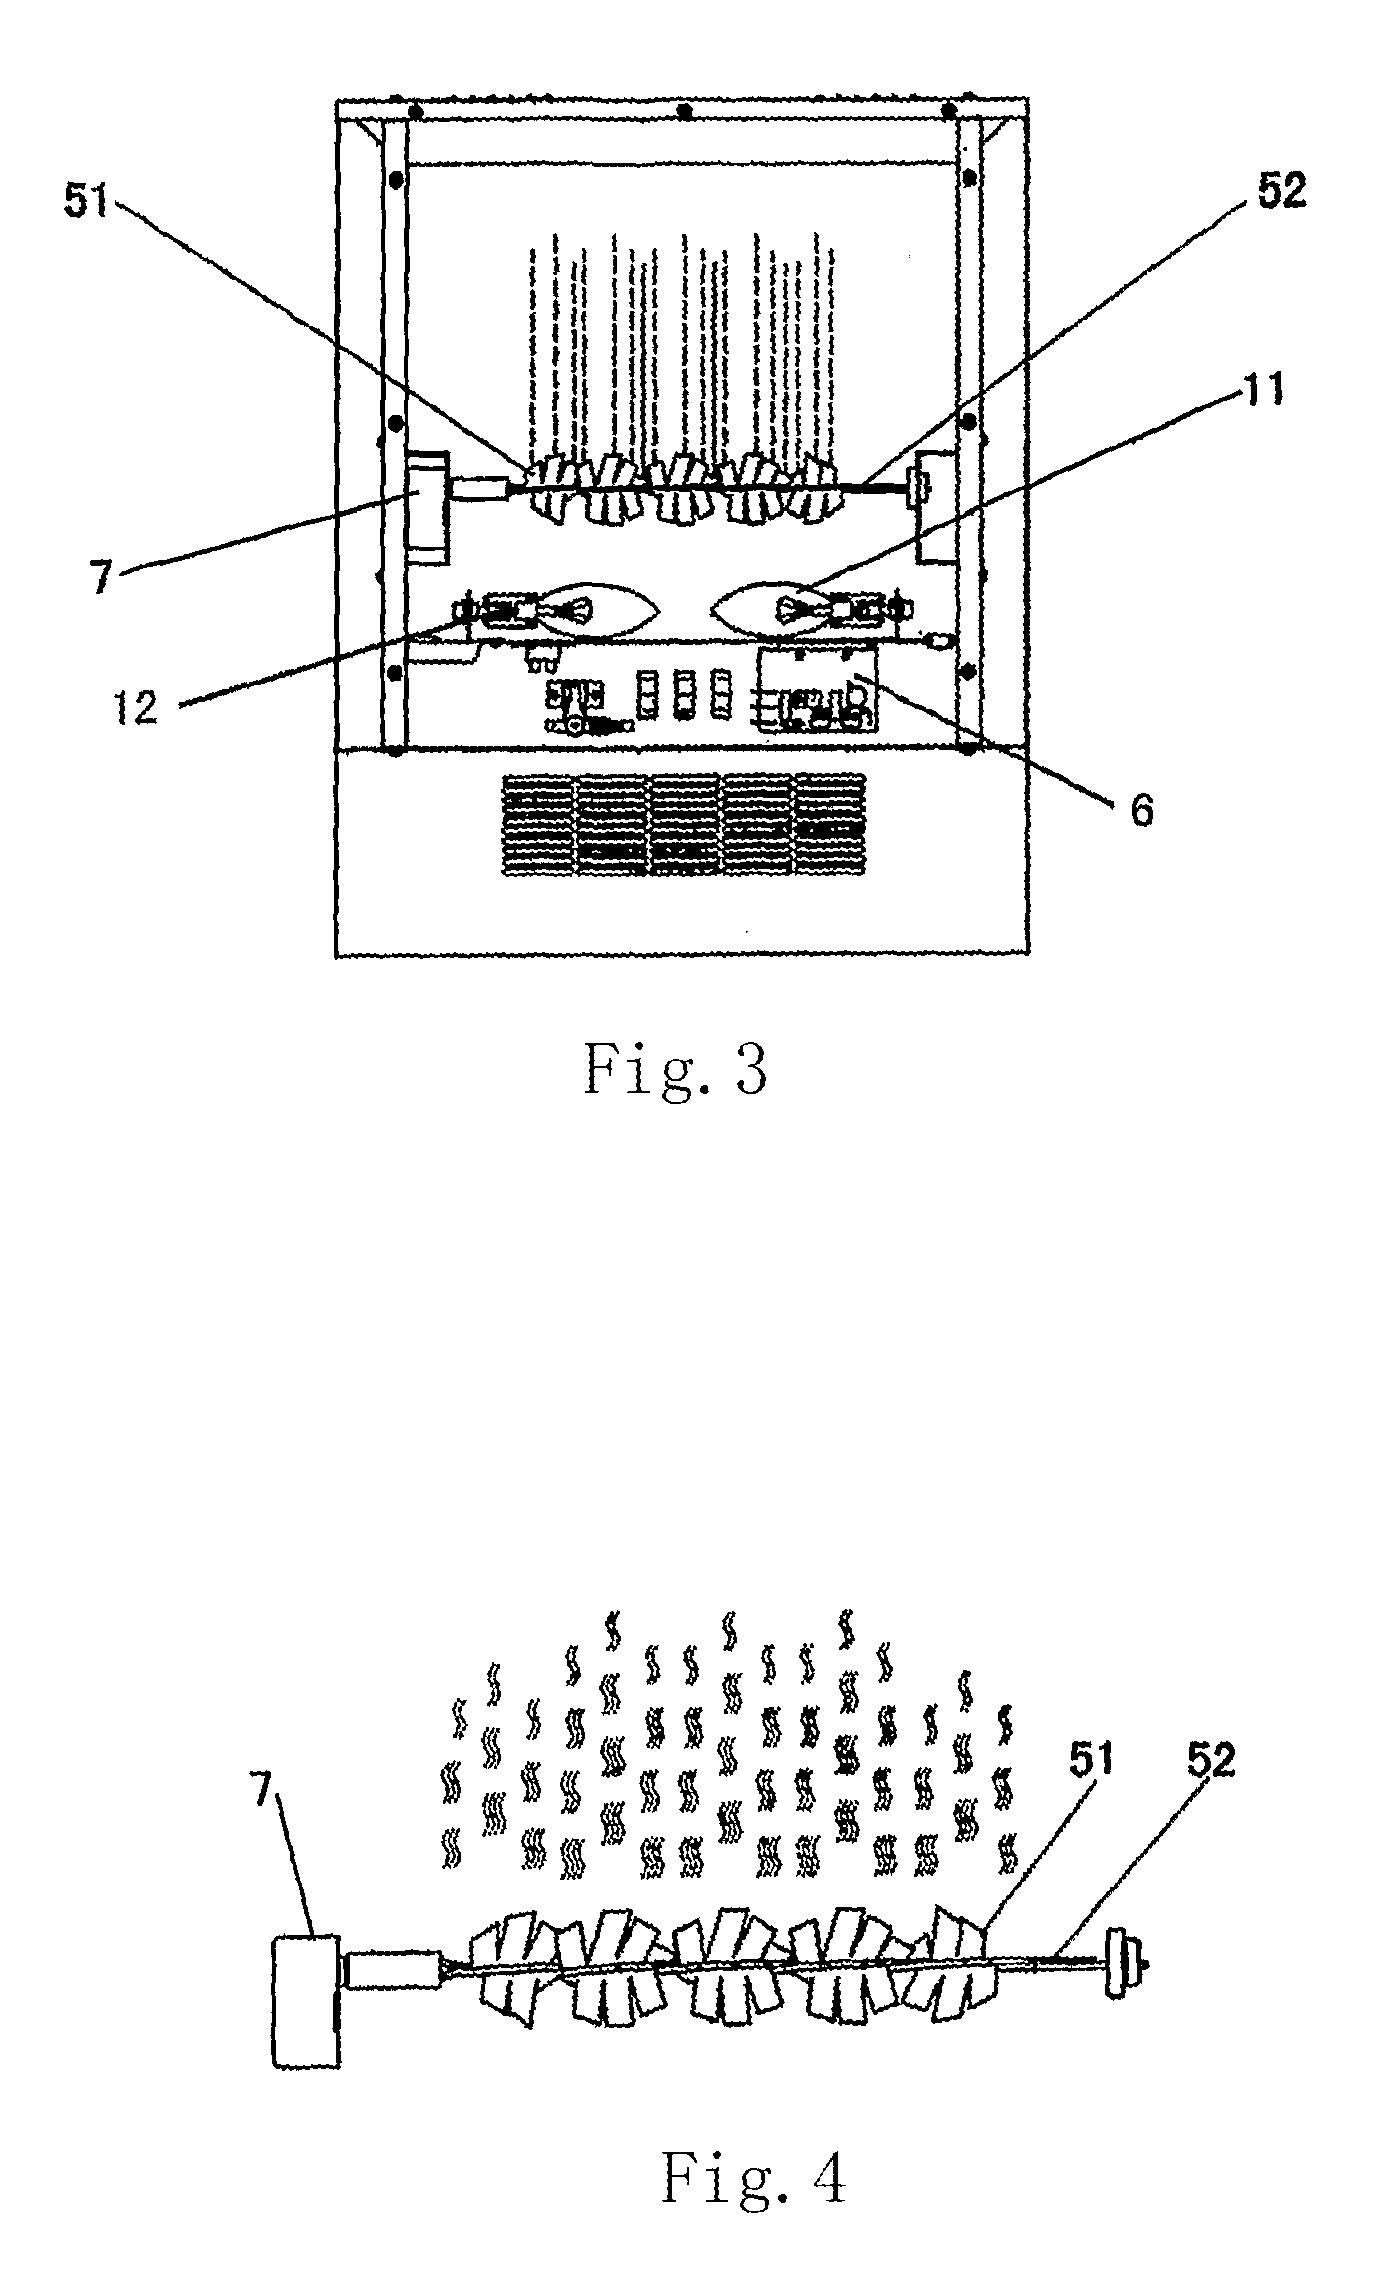 Fireplace Simulator Part - 47: Patent Drawing